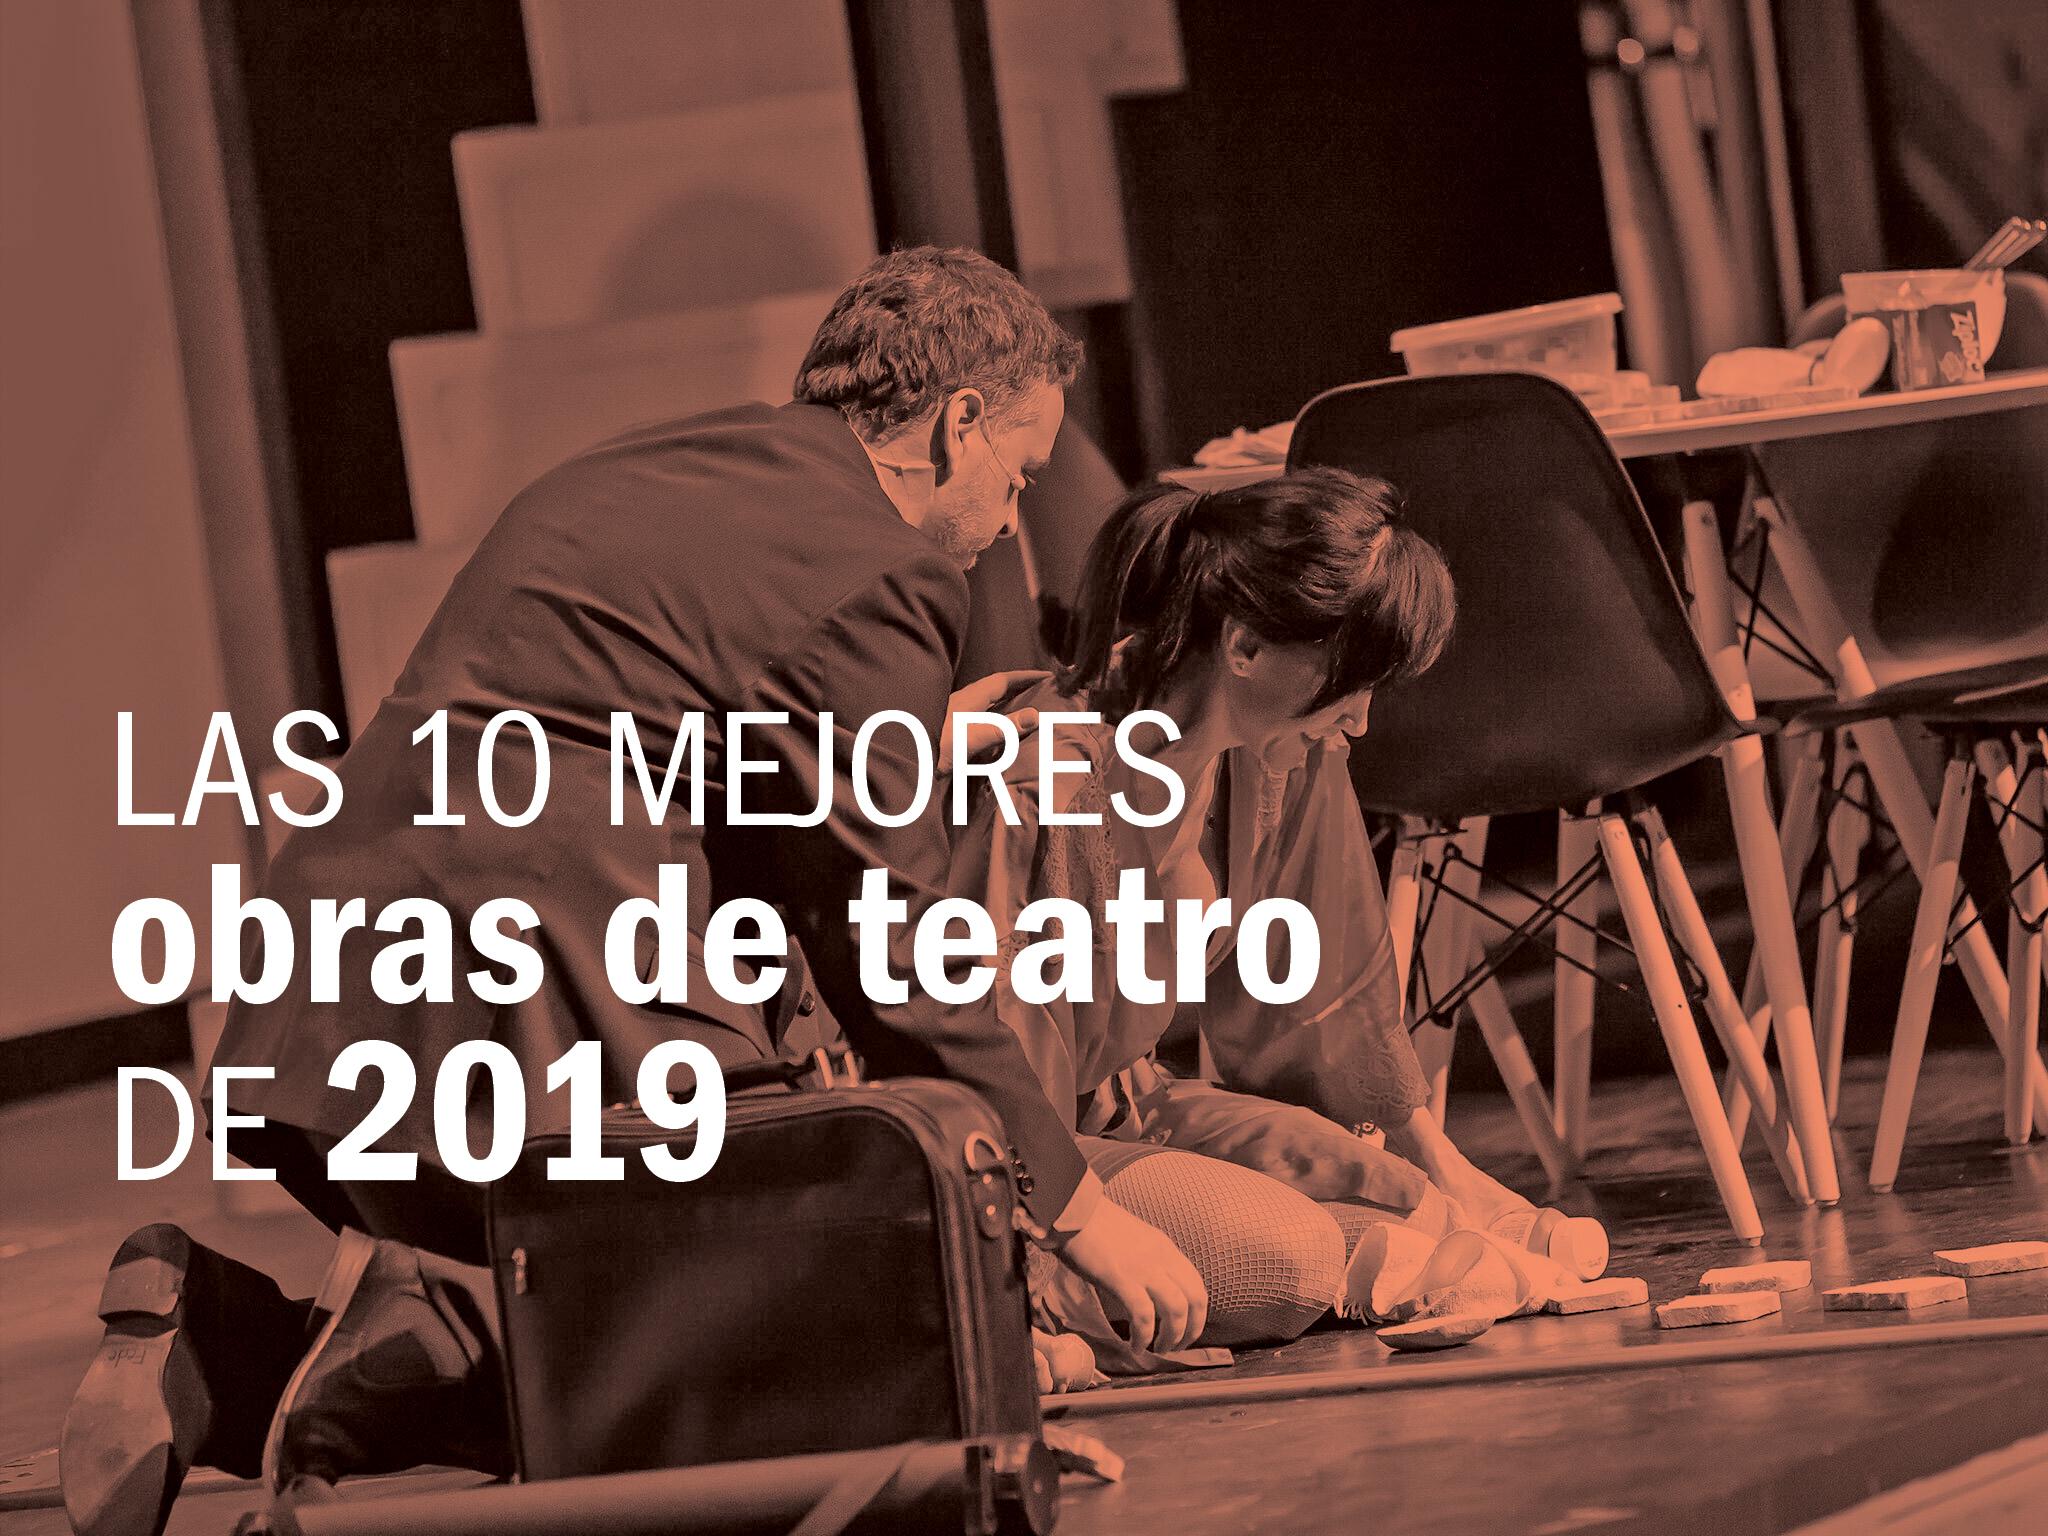 Las 10 mejores obras de teatro de 2019 en la CDMX